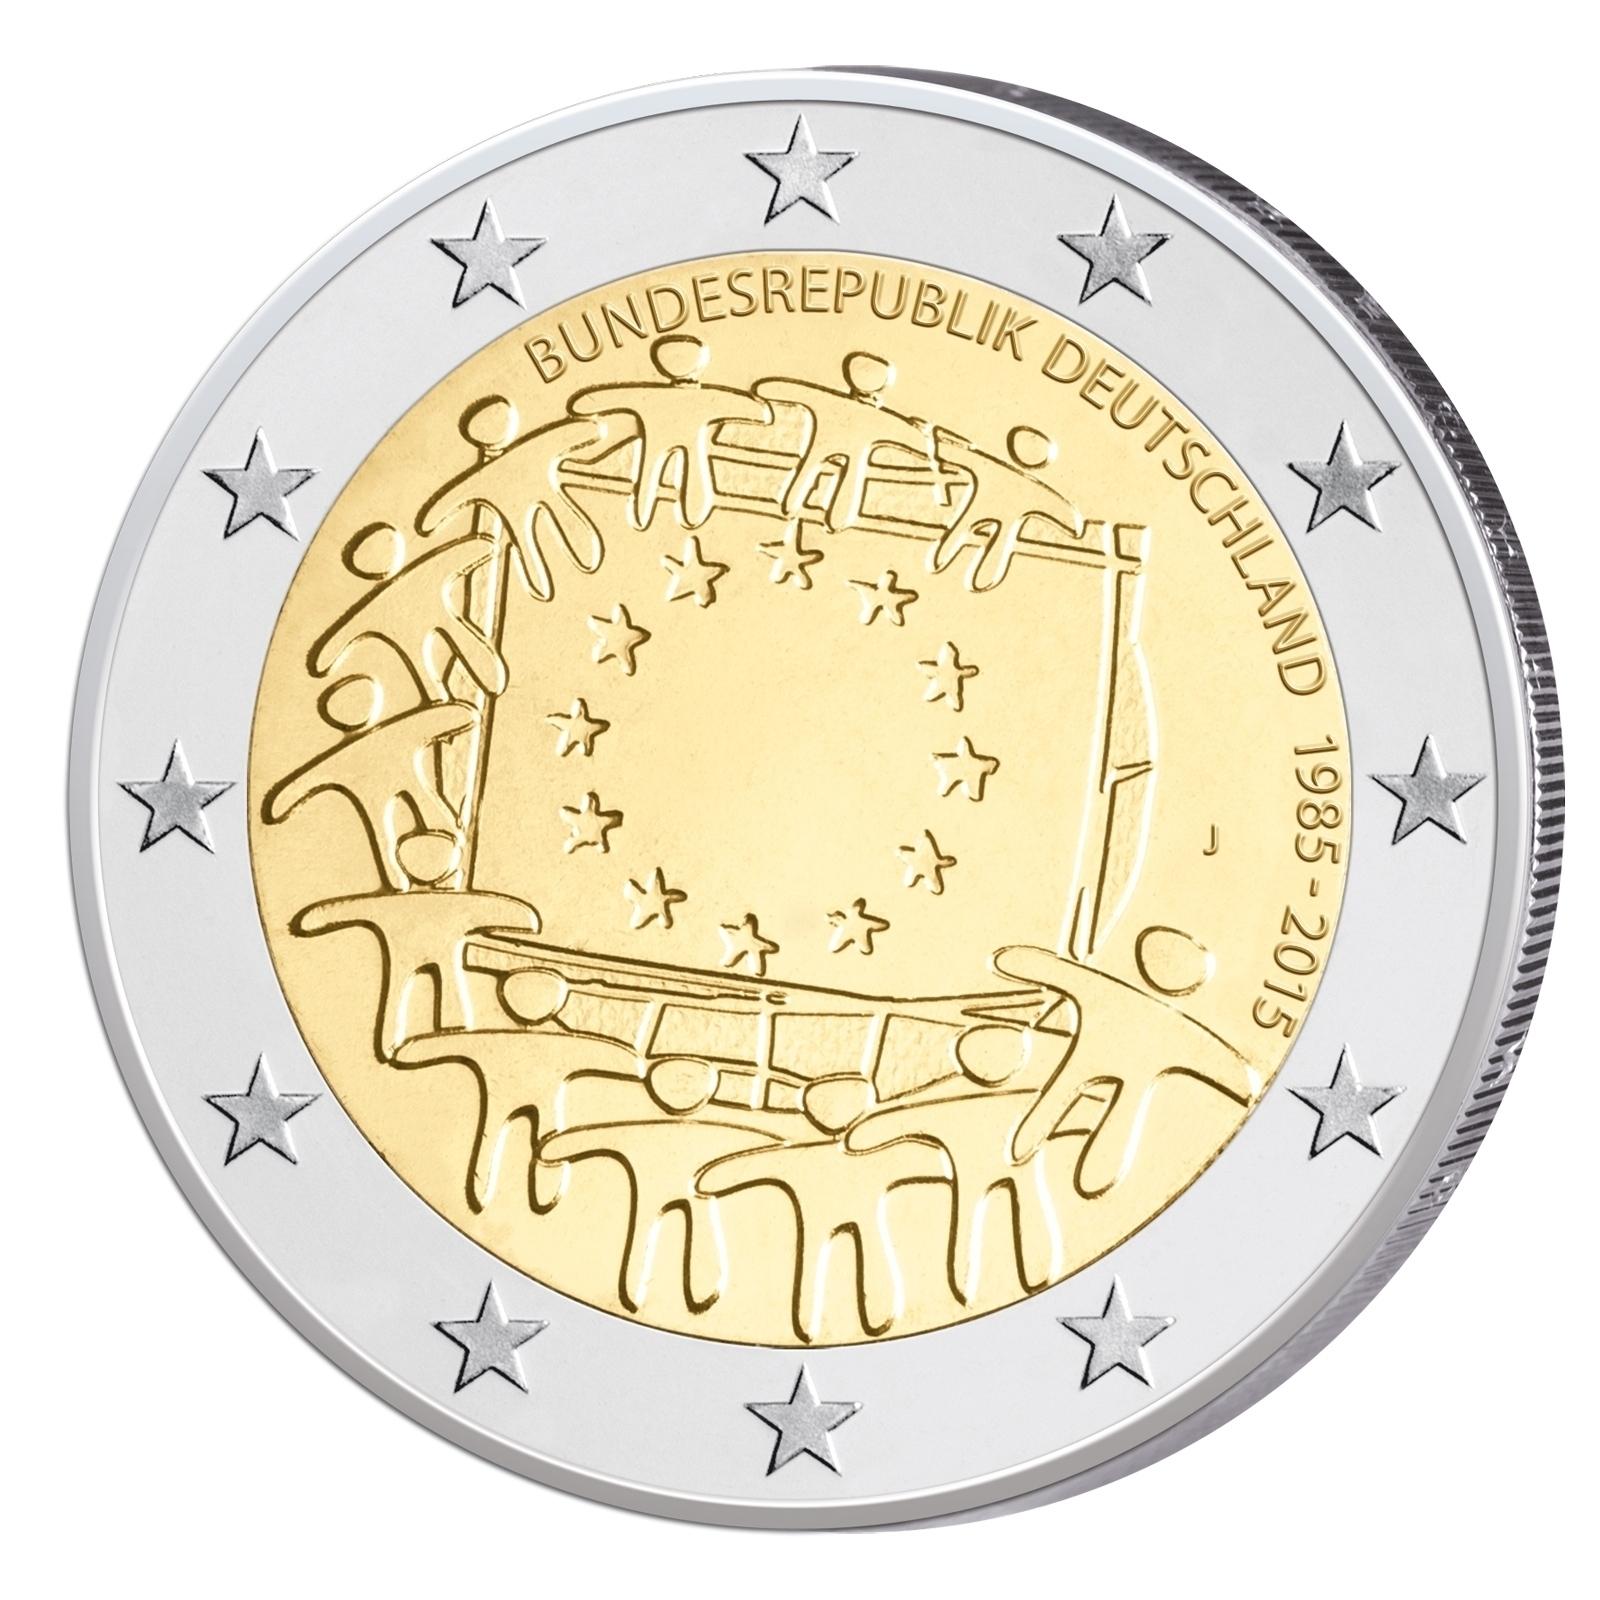 Diese 2 Euro Münze Ist Euro Wert Schauen Sie Schnell Nach Geld